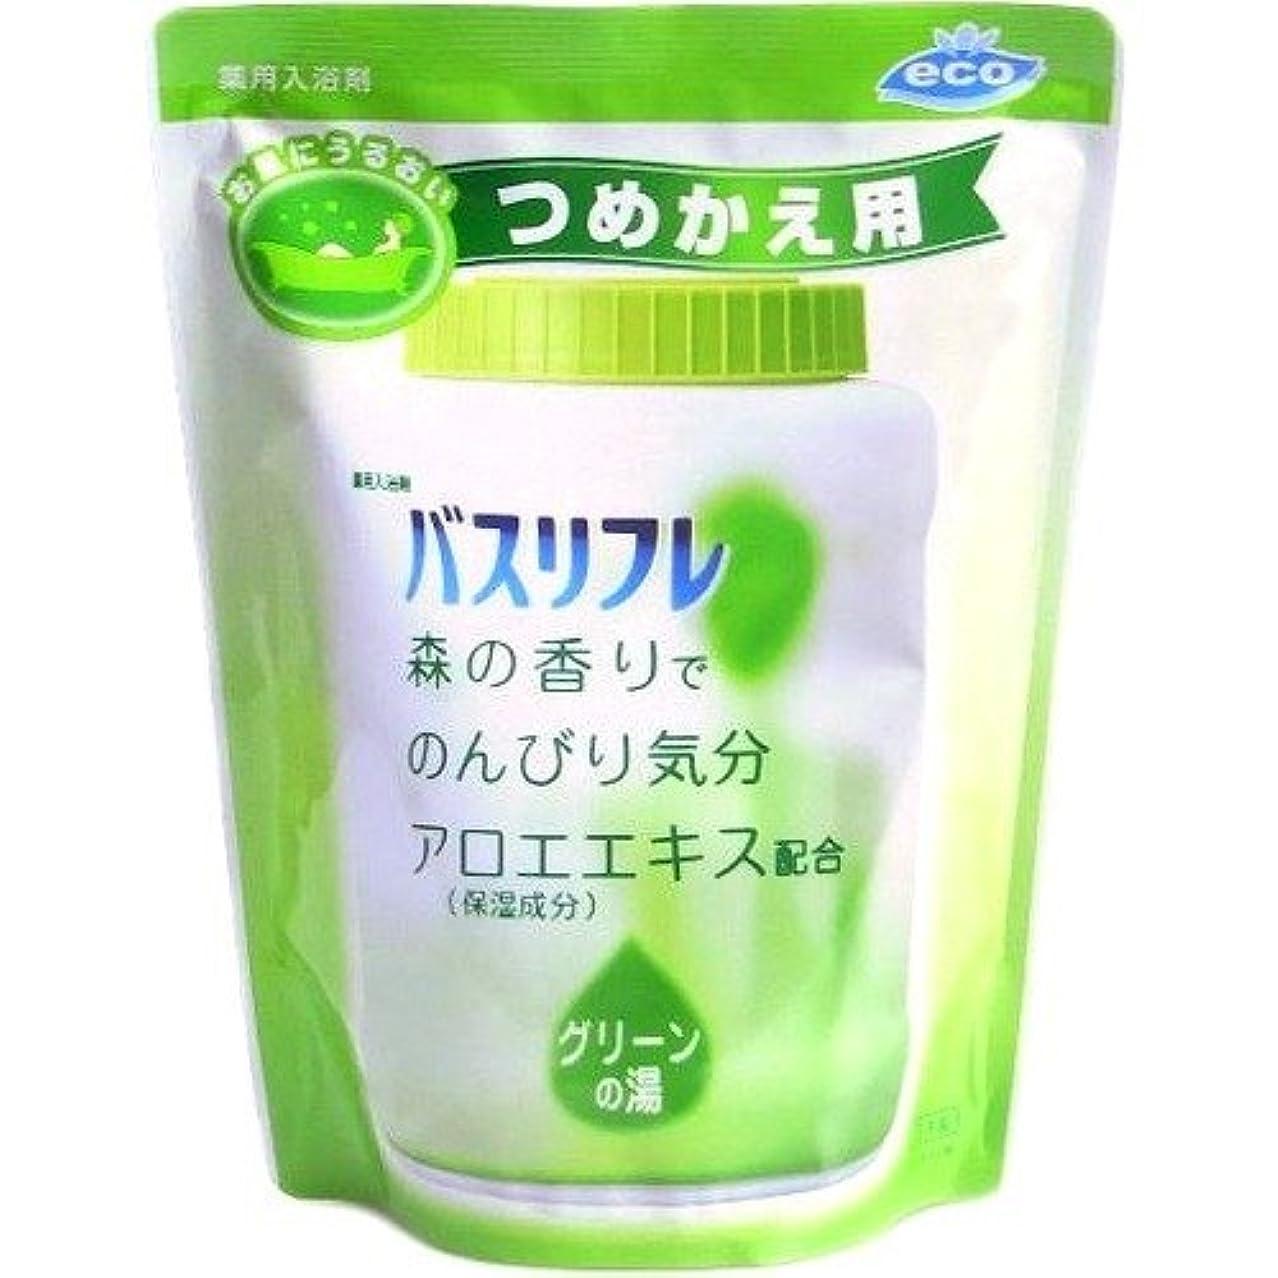 世界弱まるこどもの宮殿薬用入浴剤 バスリフレ グリーンの湯 つめかえ用 540g 森の香り (ライオンケミカル)